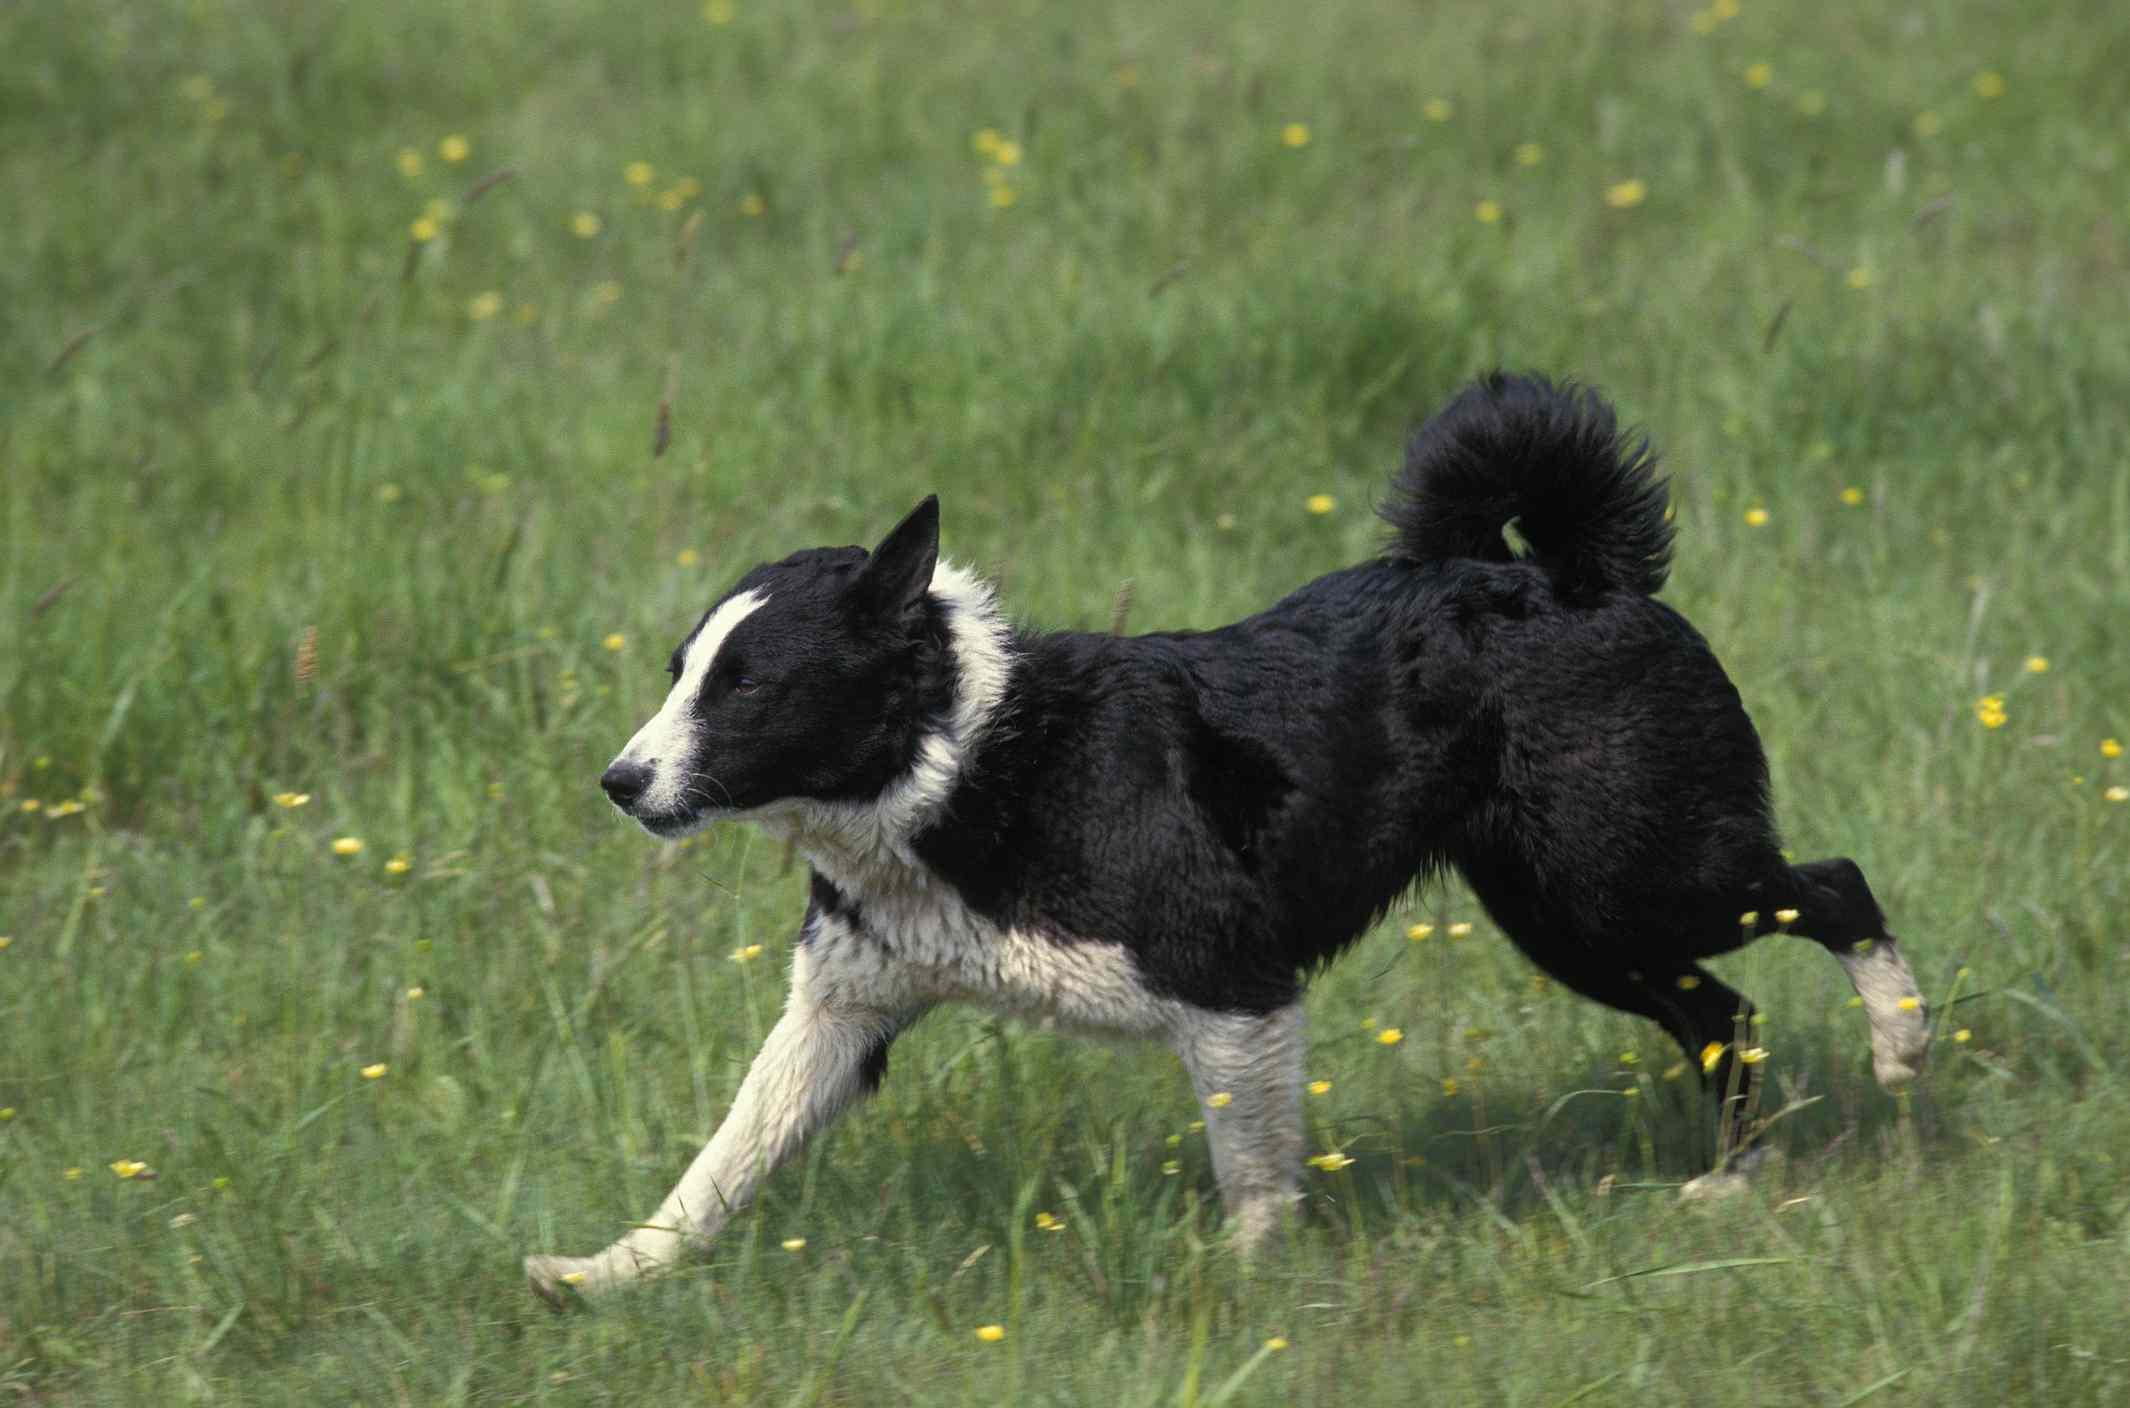 Karelian bear dog running in grass